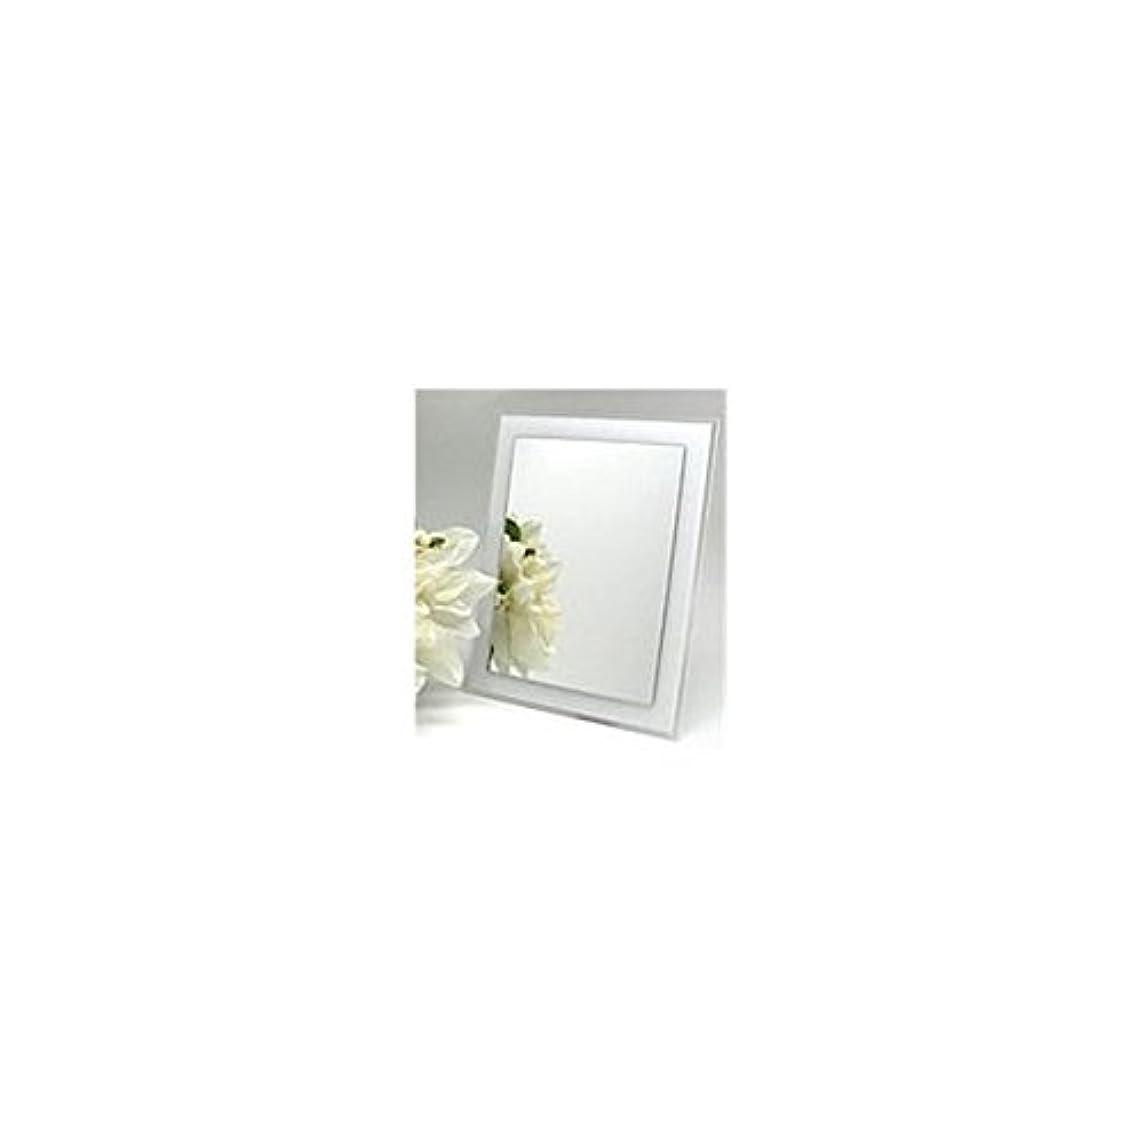 霧深い締め切りプラスメリー ミラー ホワイト 本体:24.5×19.5×2cm、鏡面:20×15cm